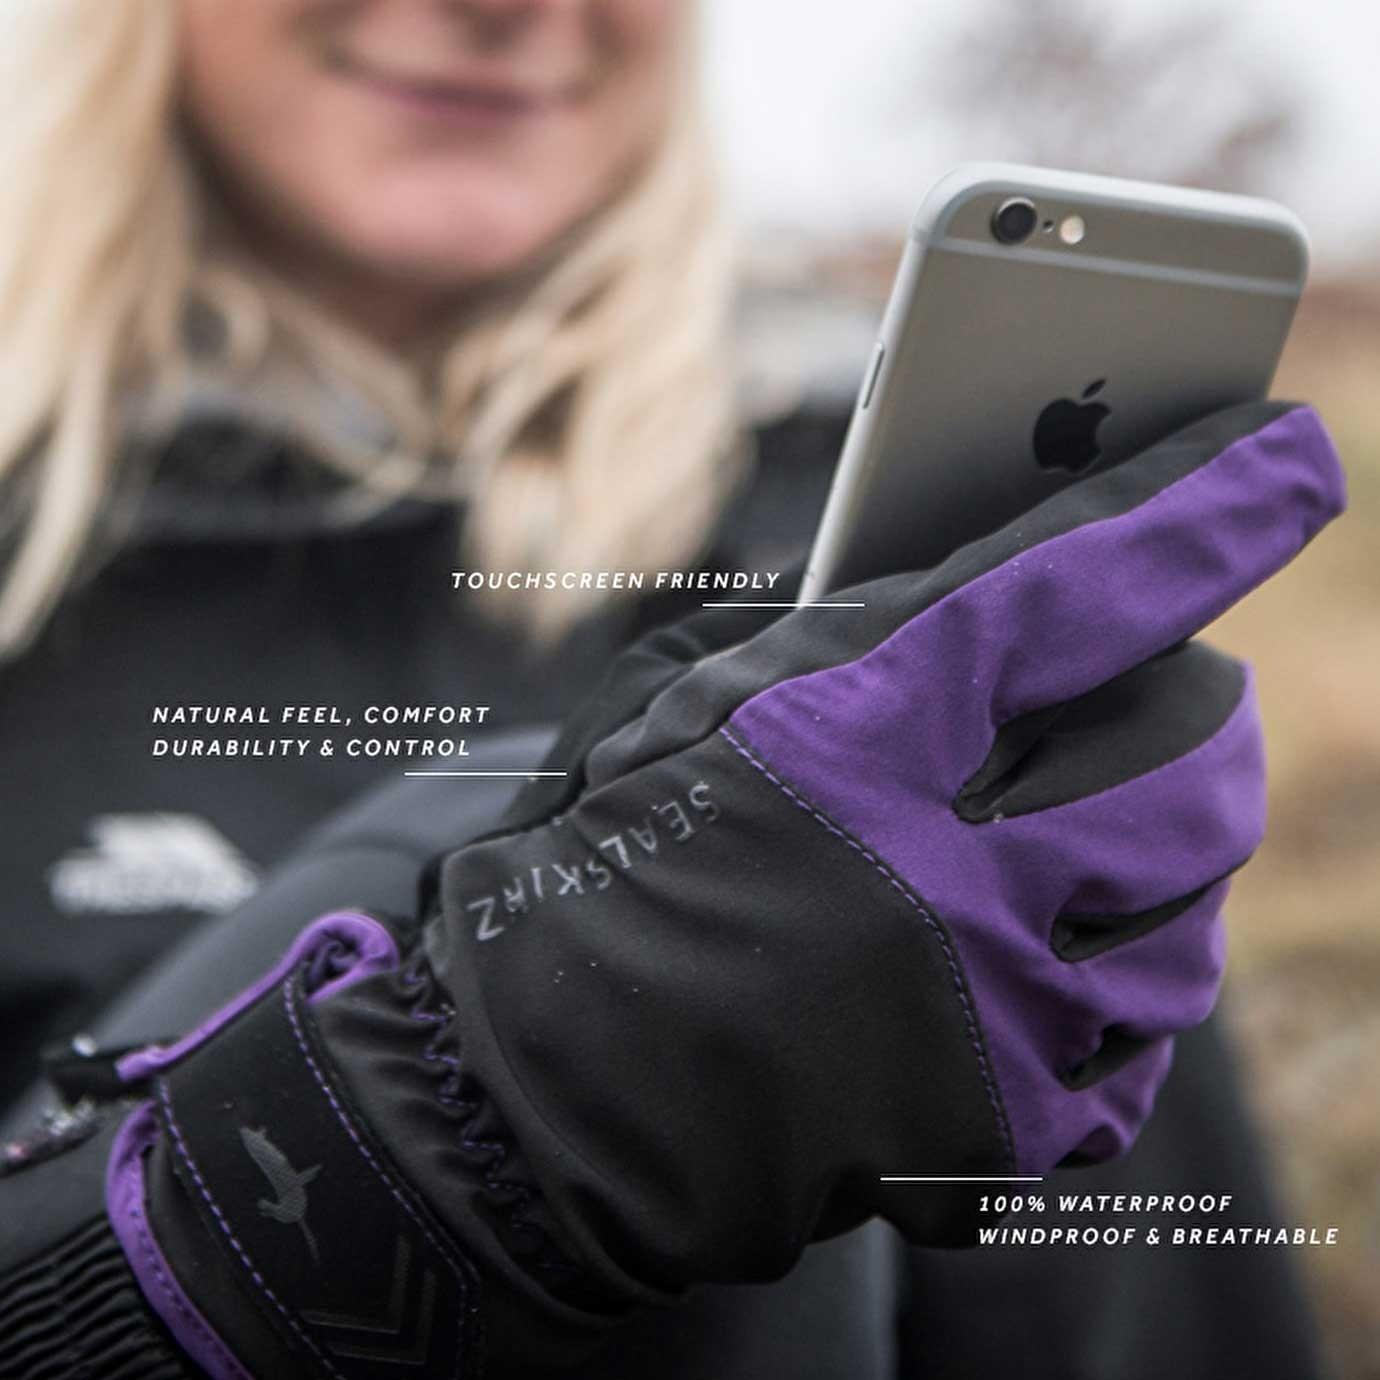 Sealskinz All Season Waterproof Women's Gloves - Black/Purple - features